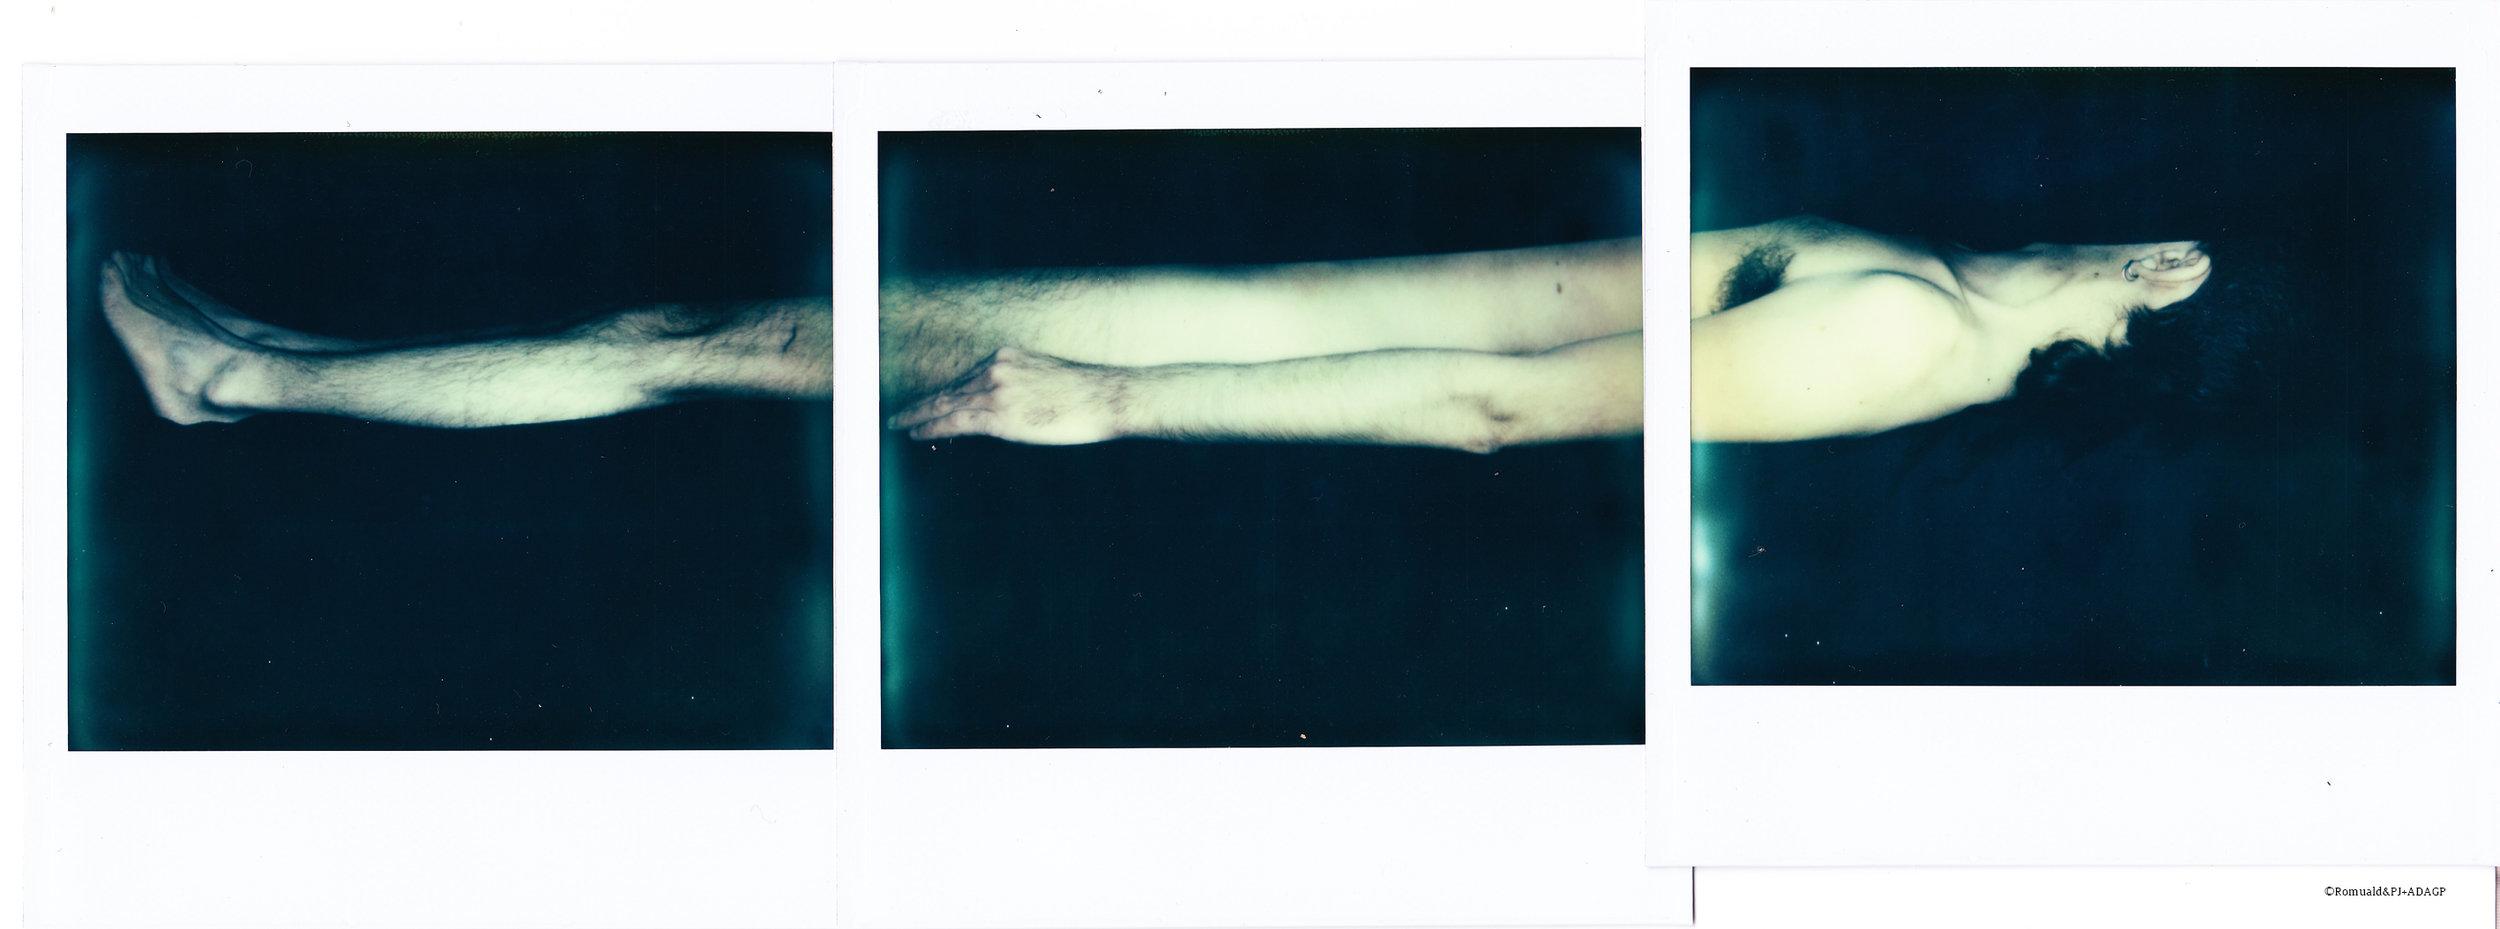 La mort de l'amant - 3 polaroids Image System encadrés - 30X20 - 2014 - Pièce unique - Collection privée